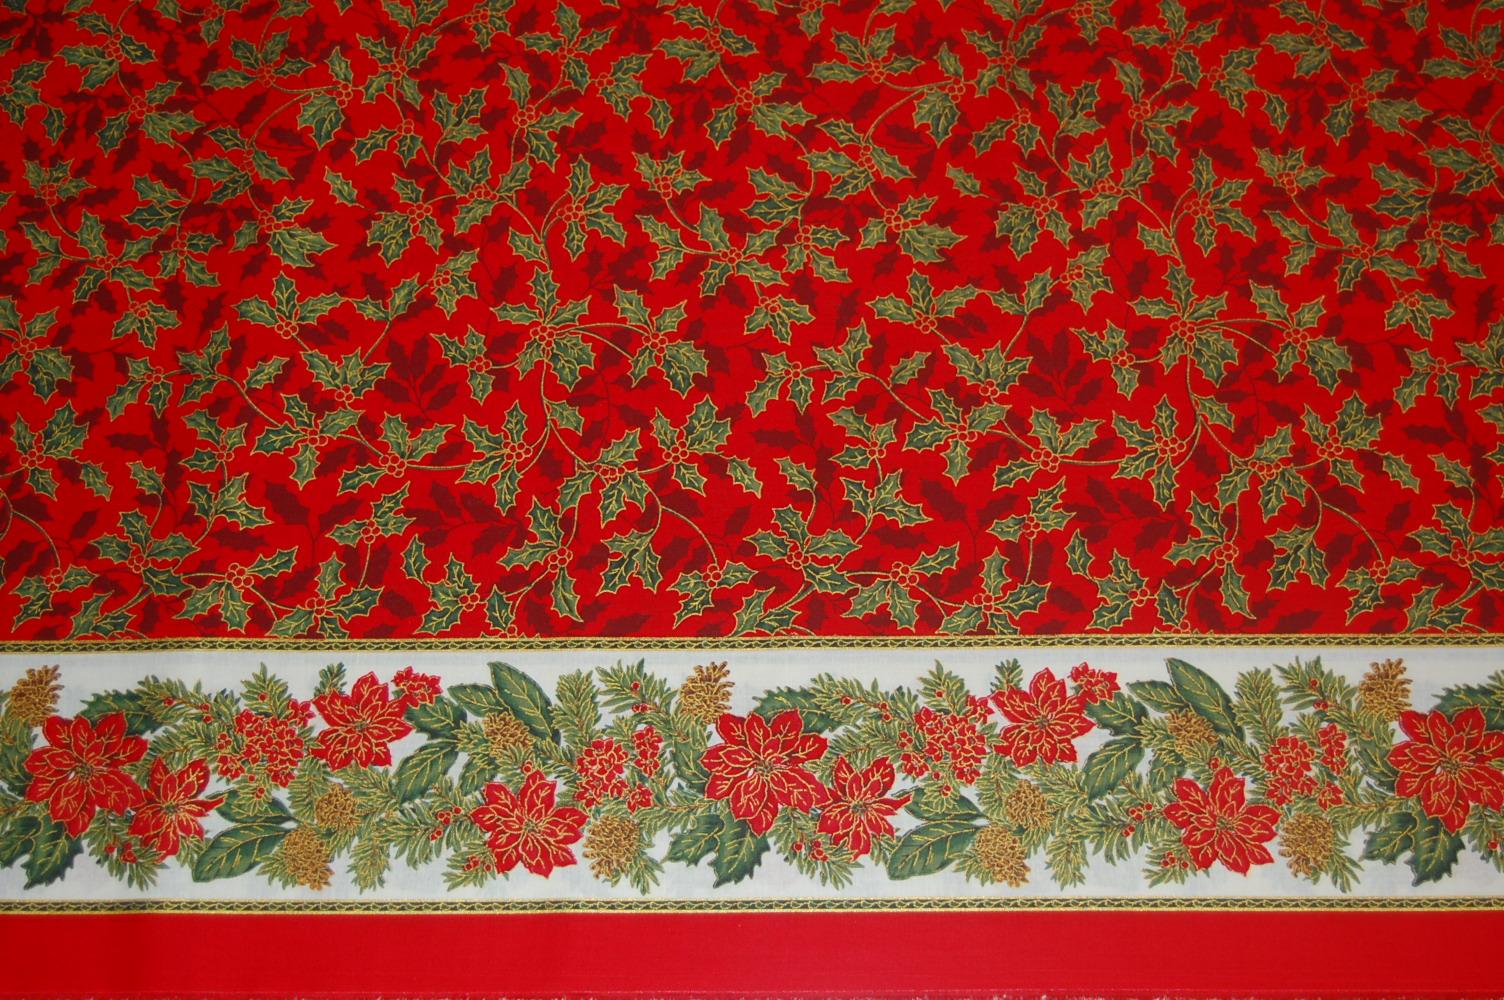 el mantel de navidad